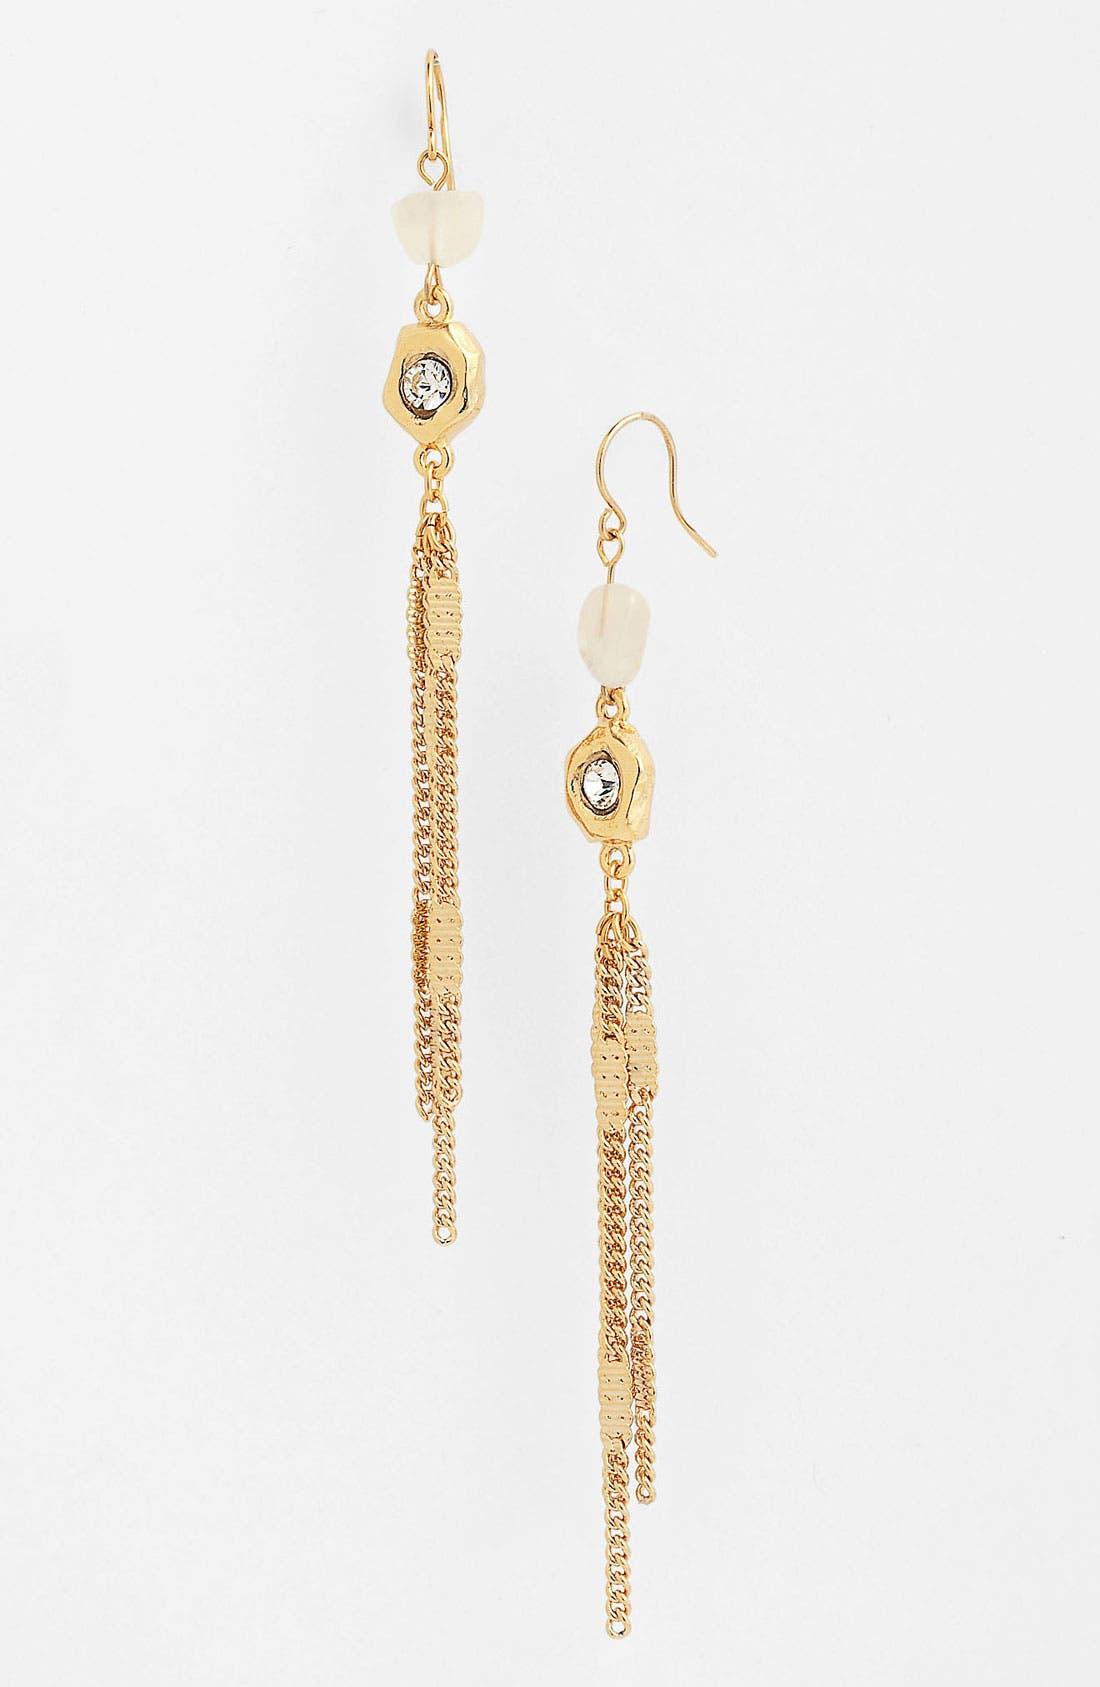 Alternate Image 1 Selected - Nordstrom 'Sand Dollar' Tassel Earrings